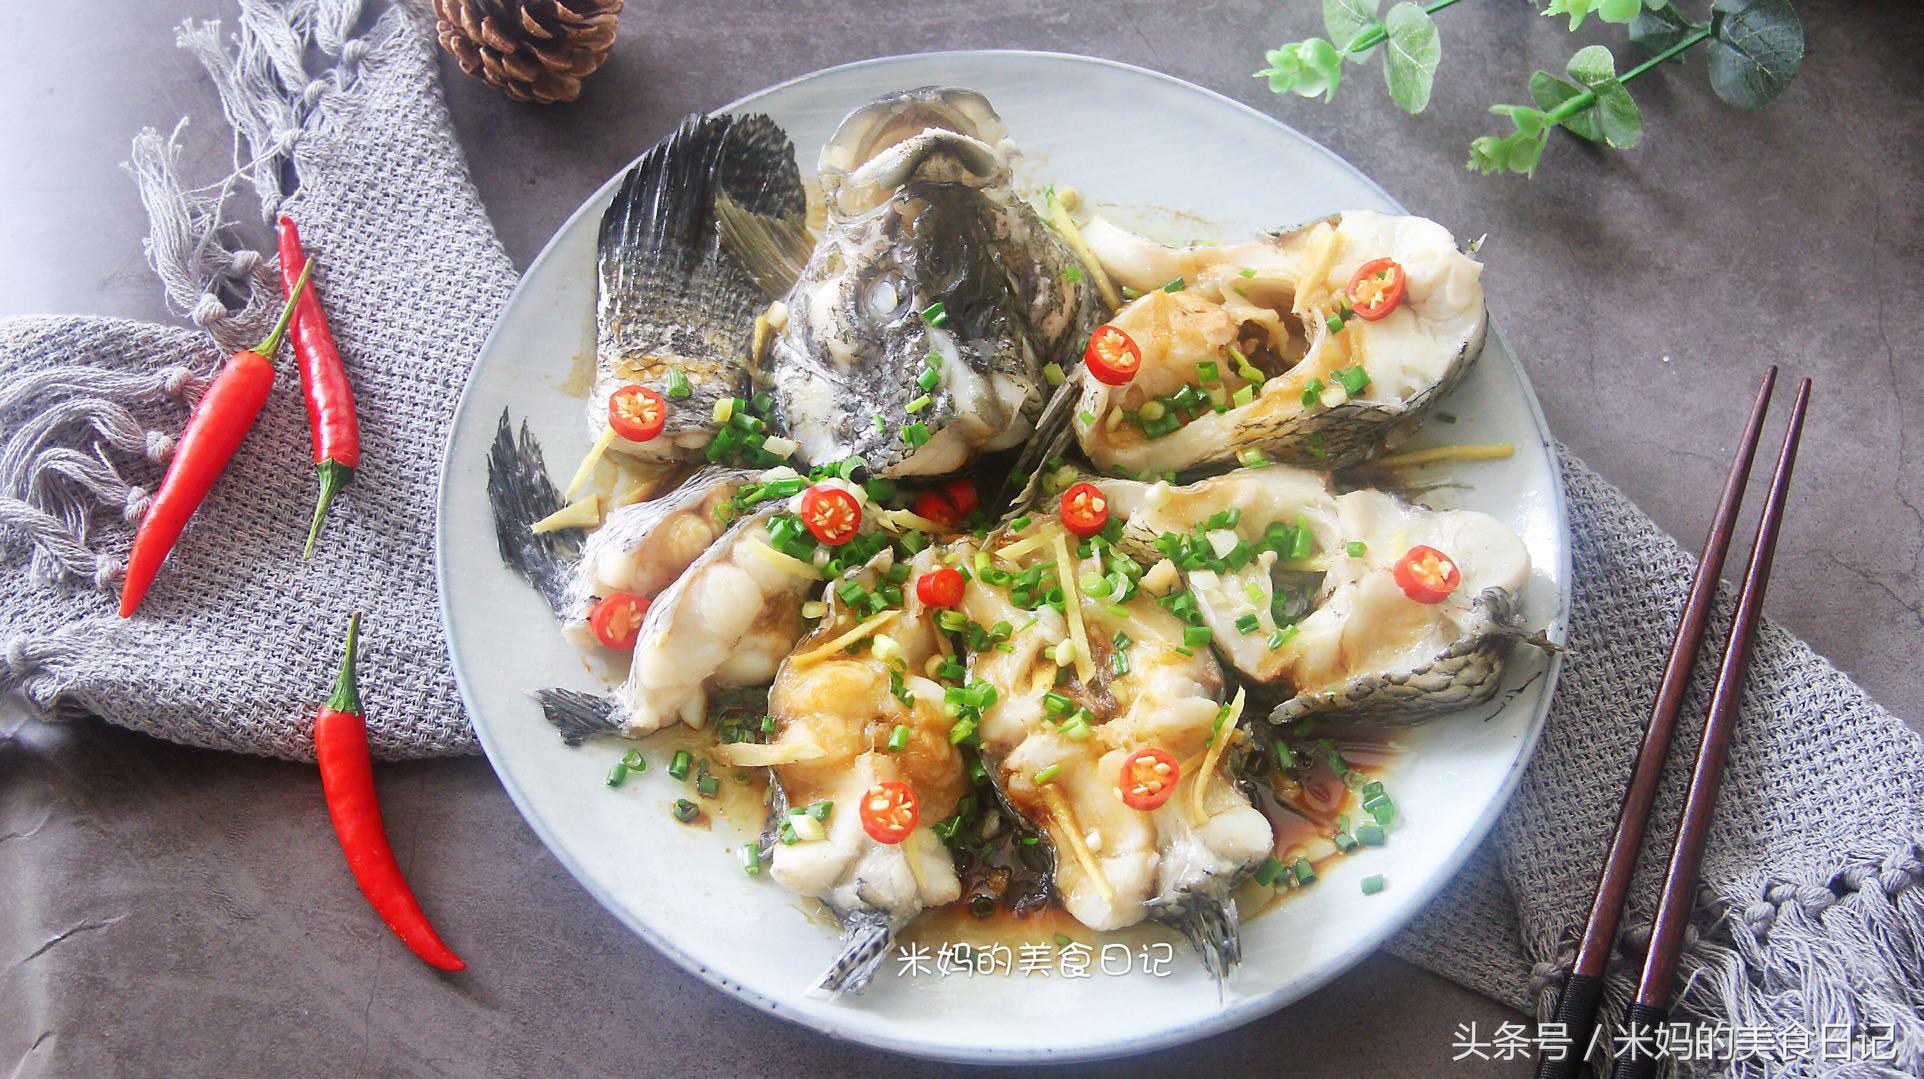 清蒸花斑鱼做法步骤图 鲜香肉嫩孩子吃变聪明